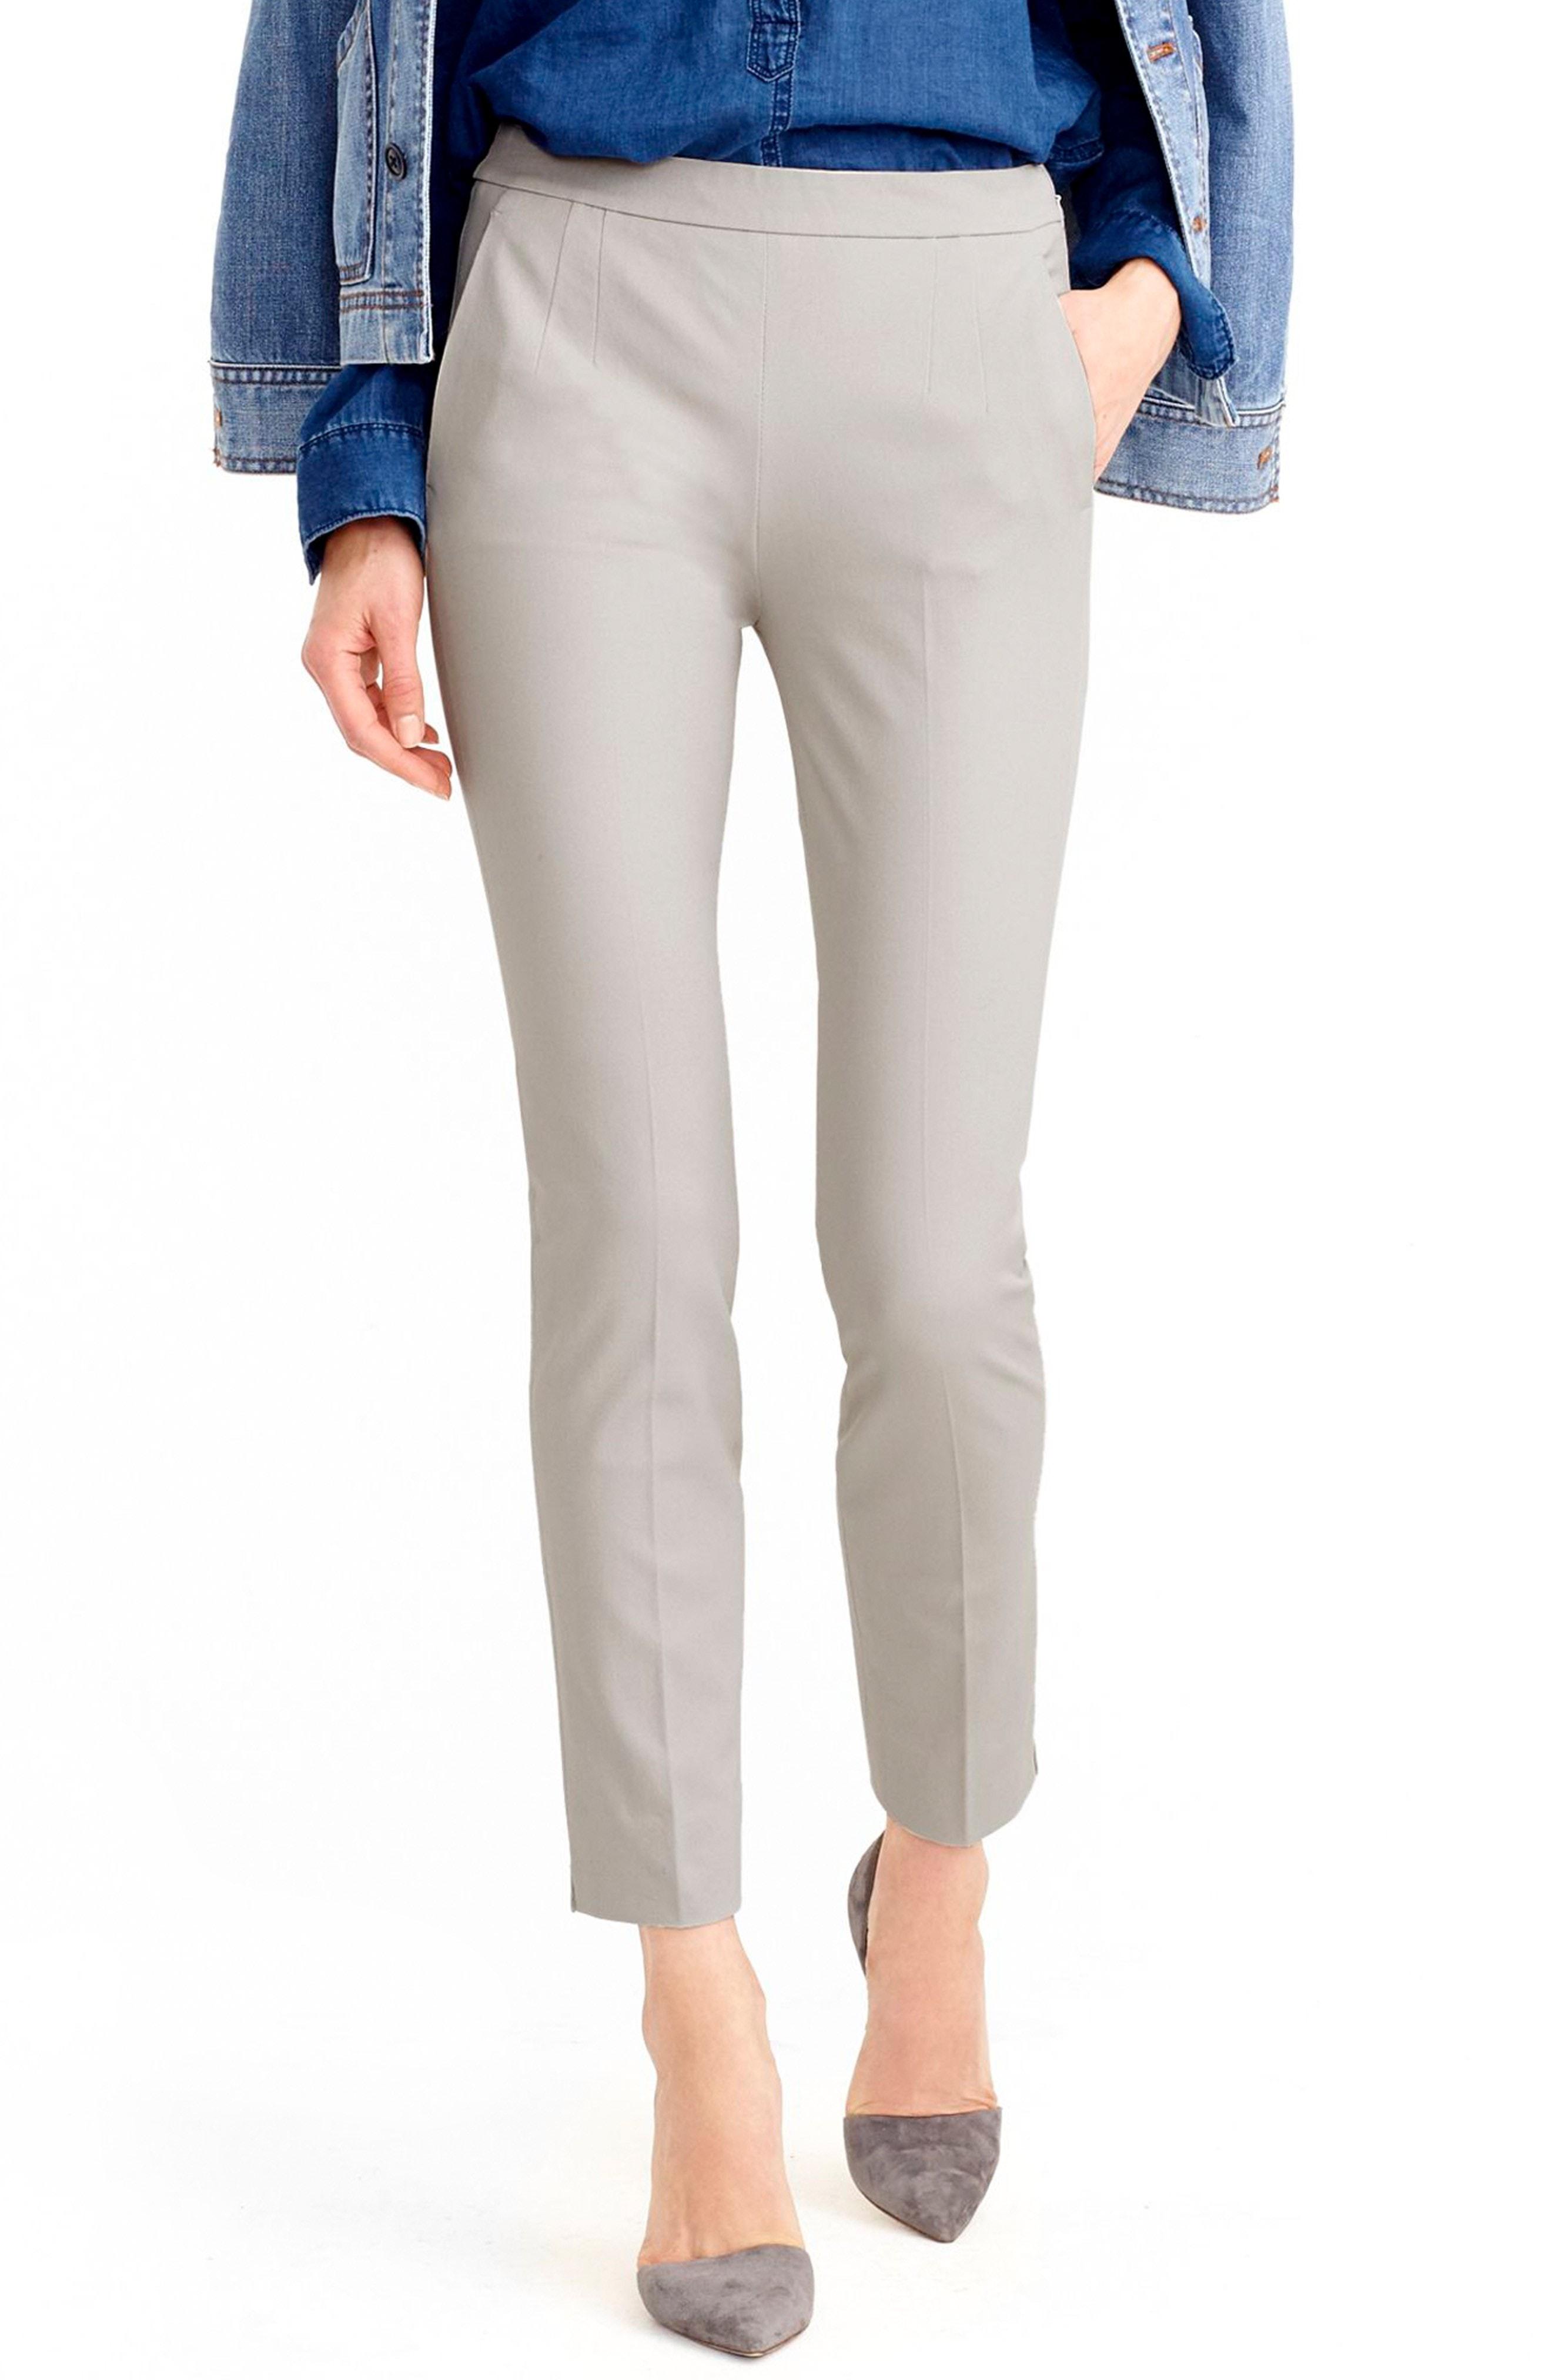 J.Crew Martie Cotton Blend Pants (Regular & Petite)